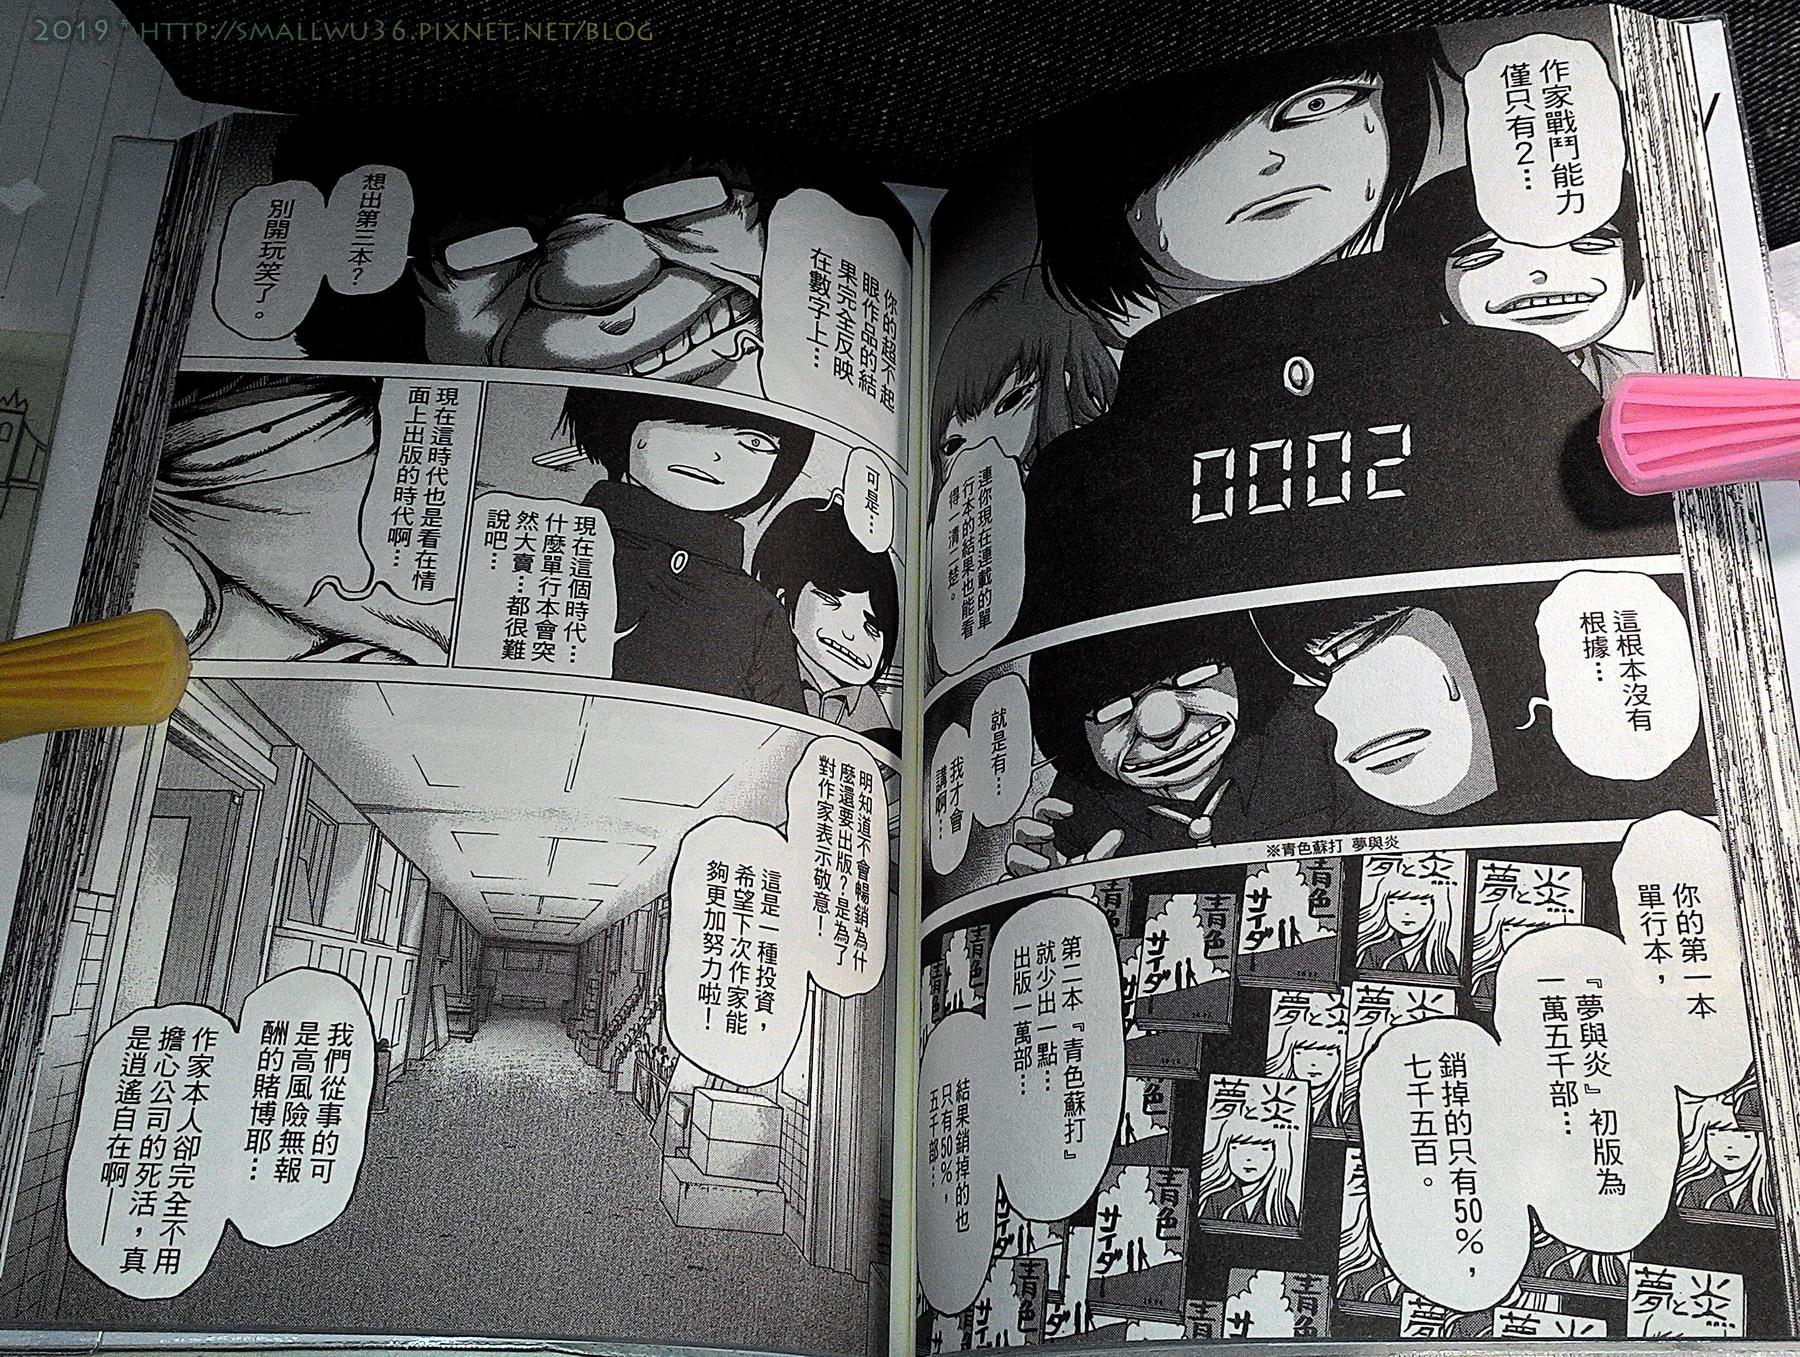 押切蓮介-狹隘世界的ID(1).jpg